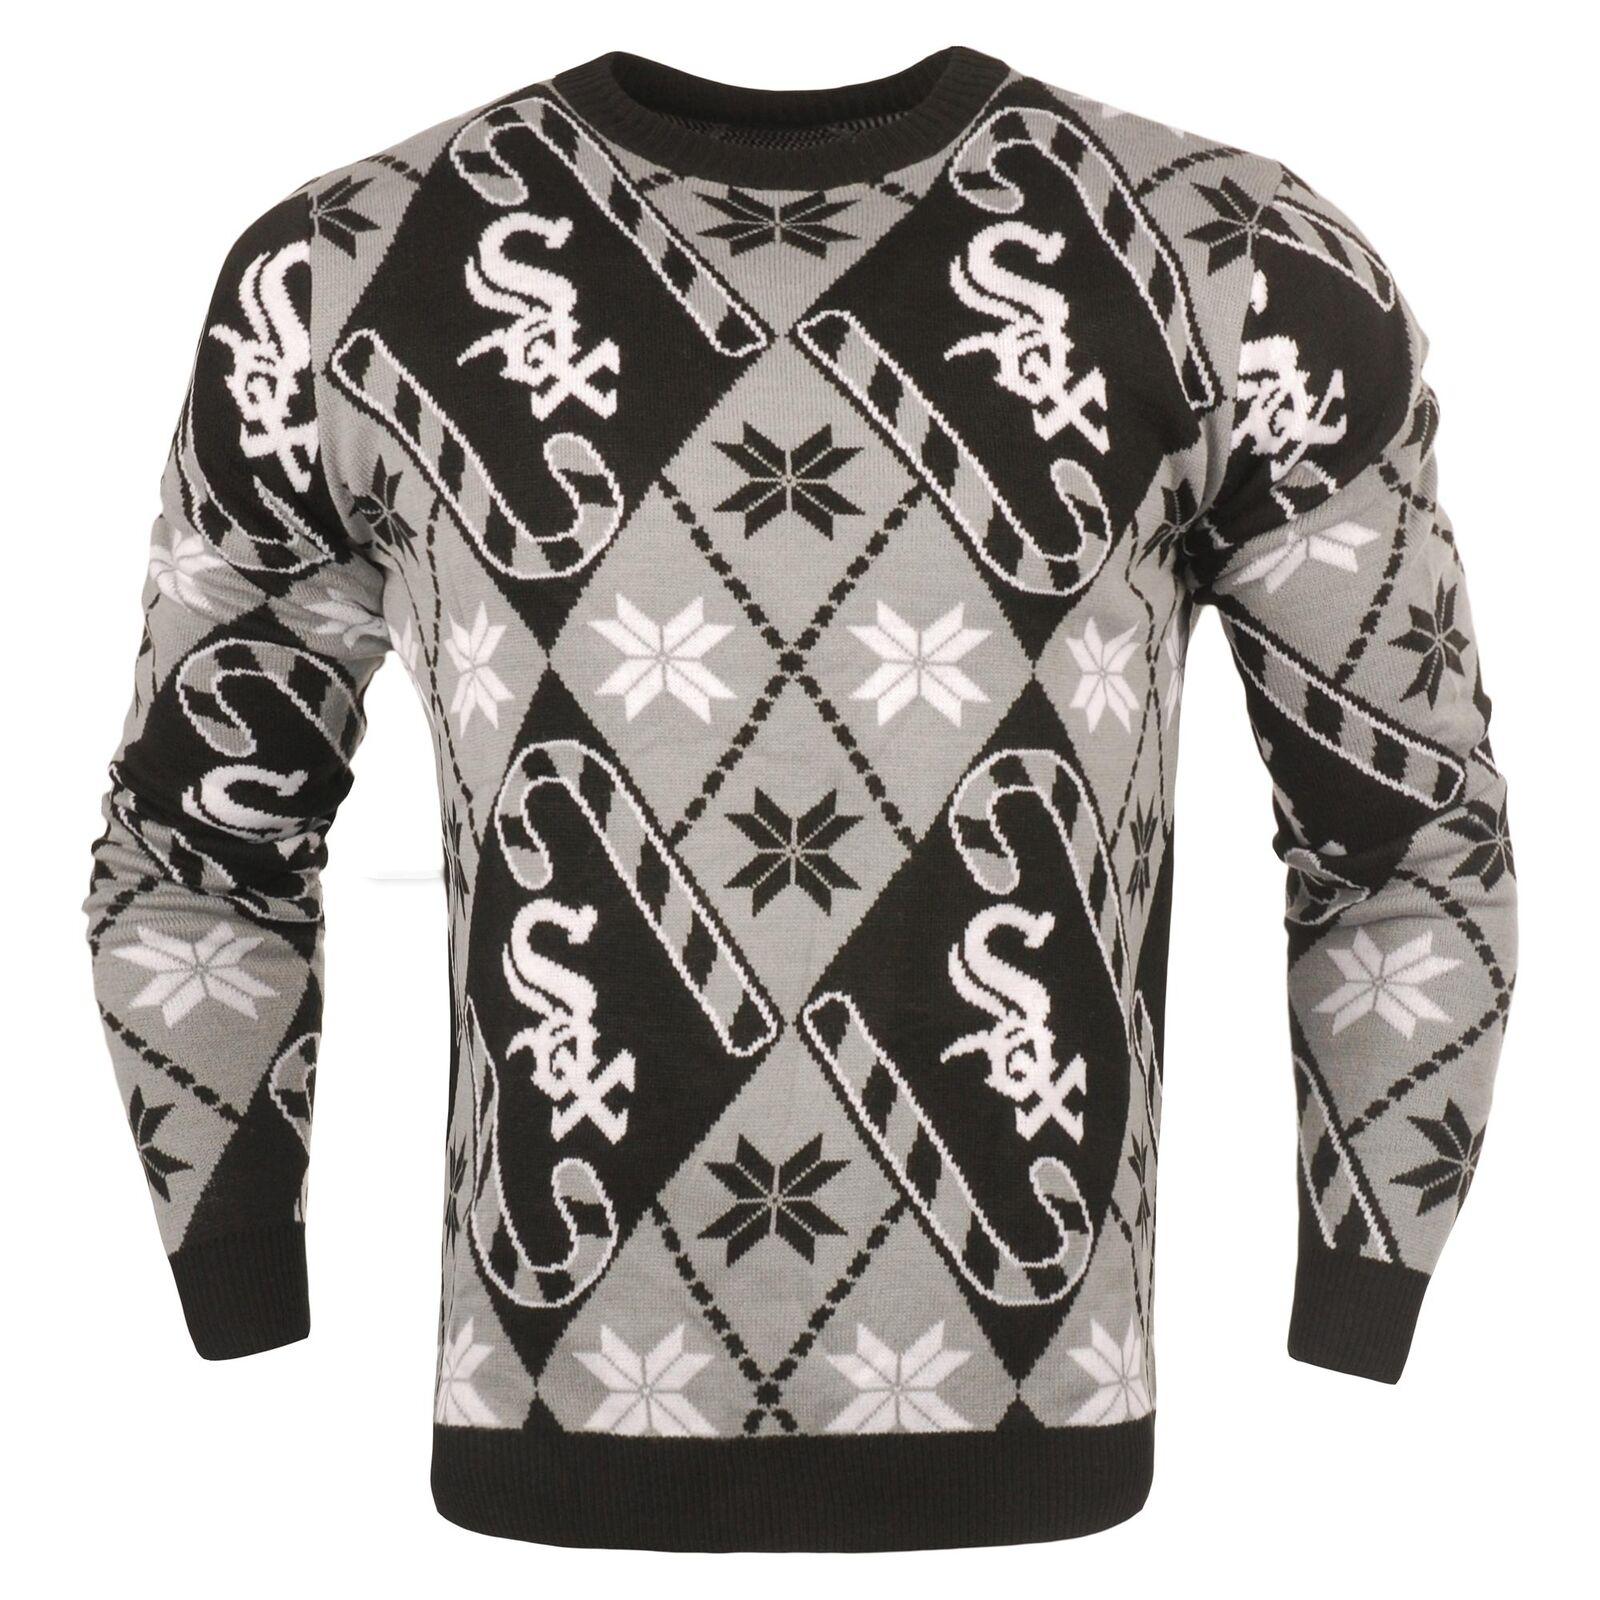 MLB Chicago Weiß Sox Candy Cane Pullover Sport Pulli Sweatshirt Herren Fanatics